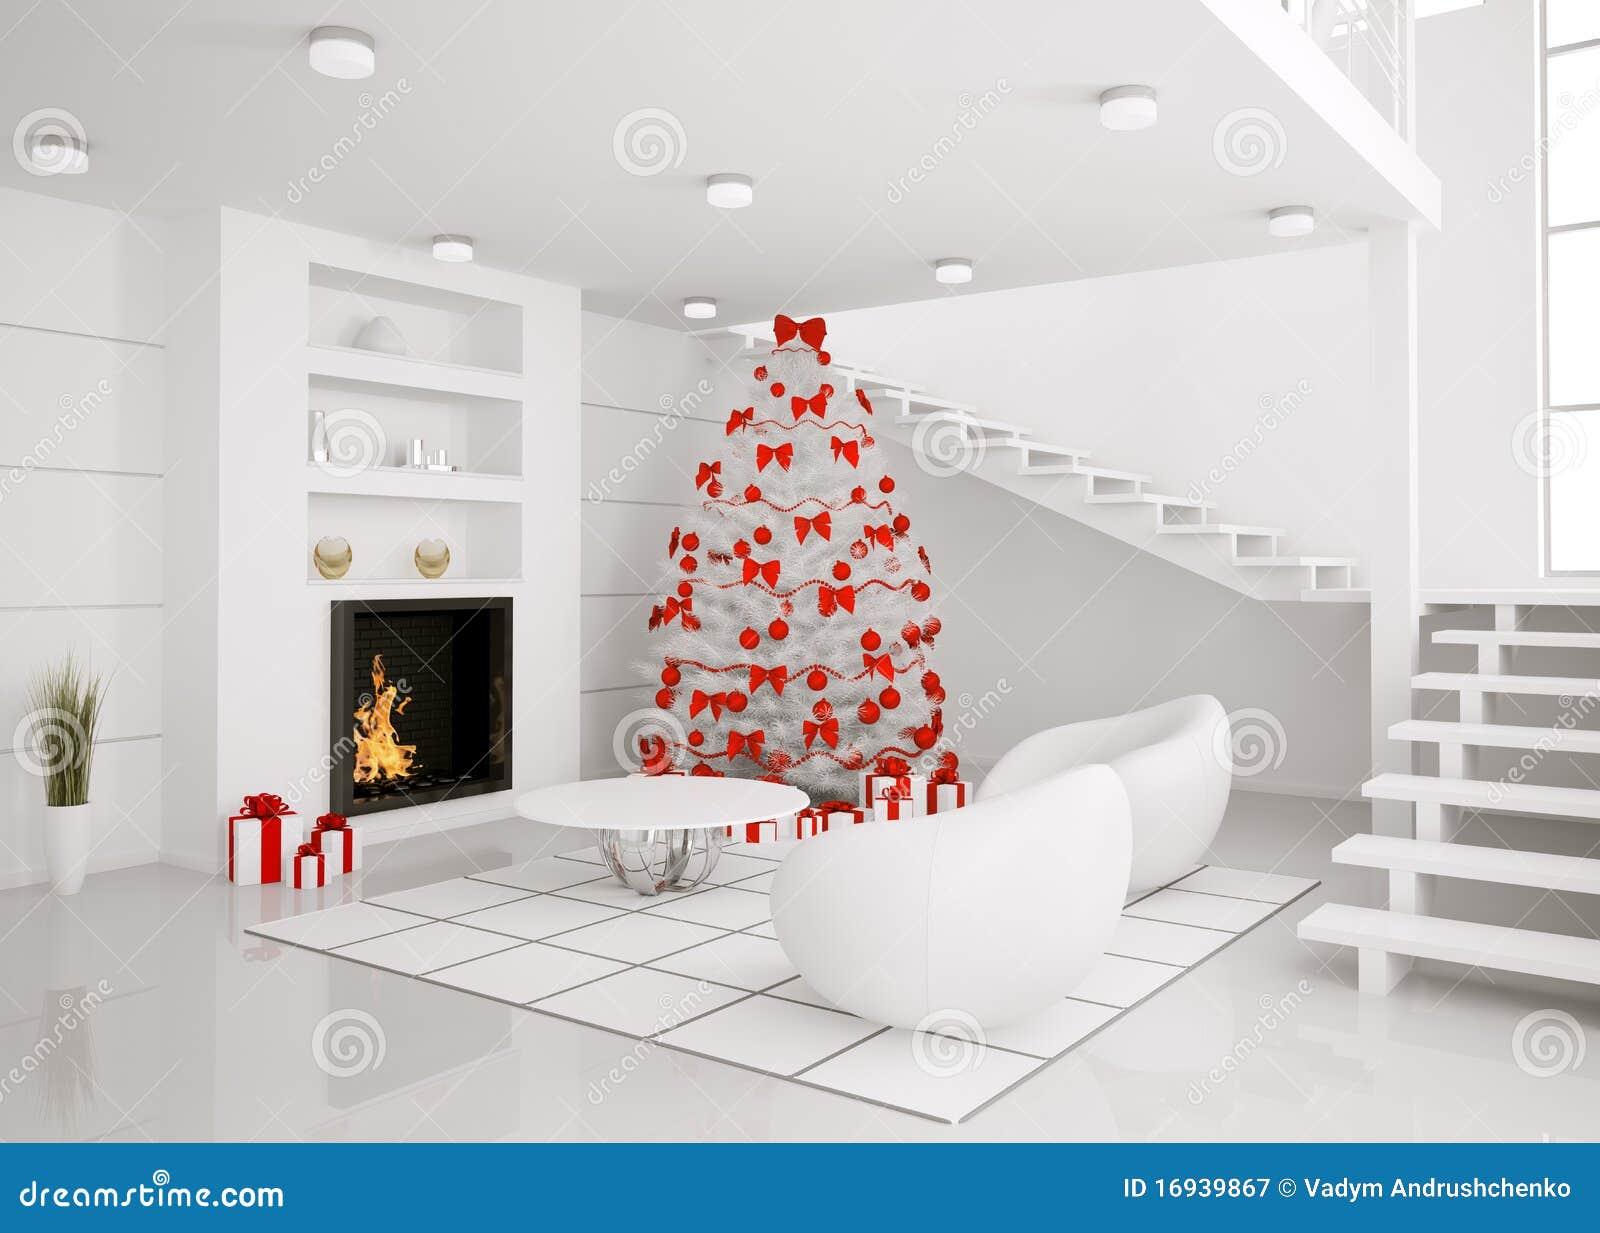 El rbol de navidad en el interior moderno 3d rinde - Arbol navidad moderno ...